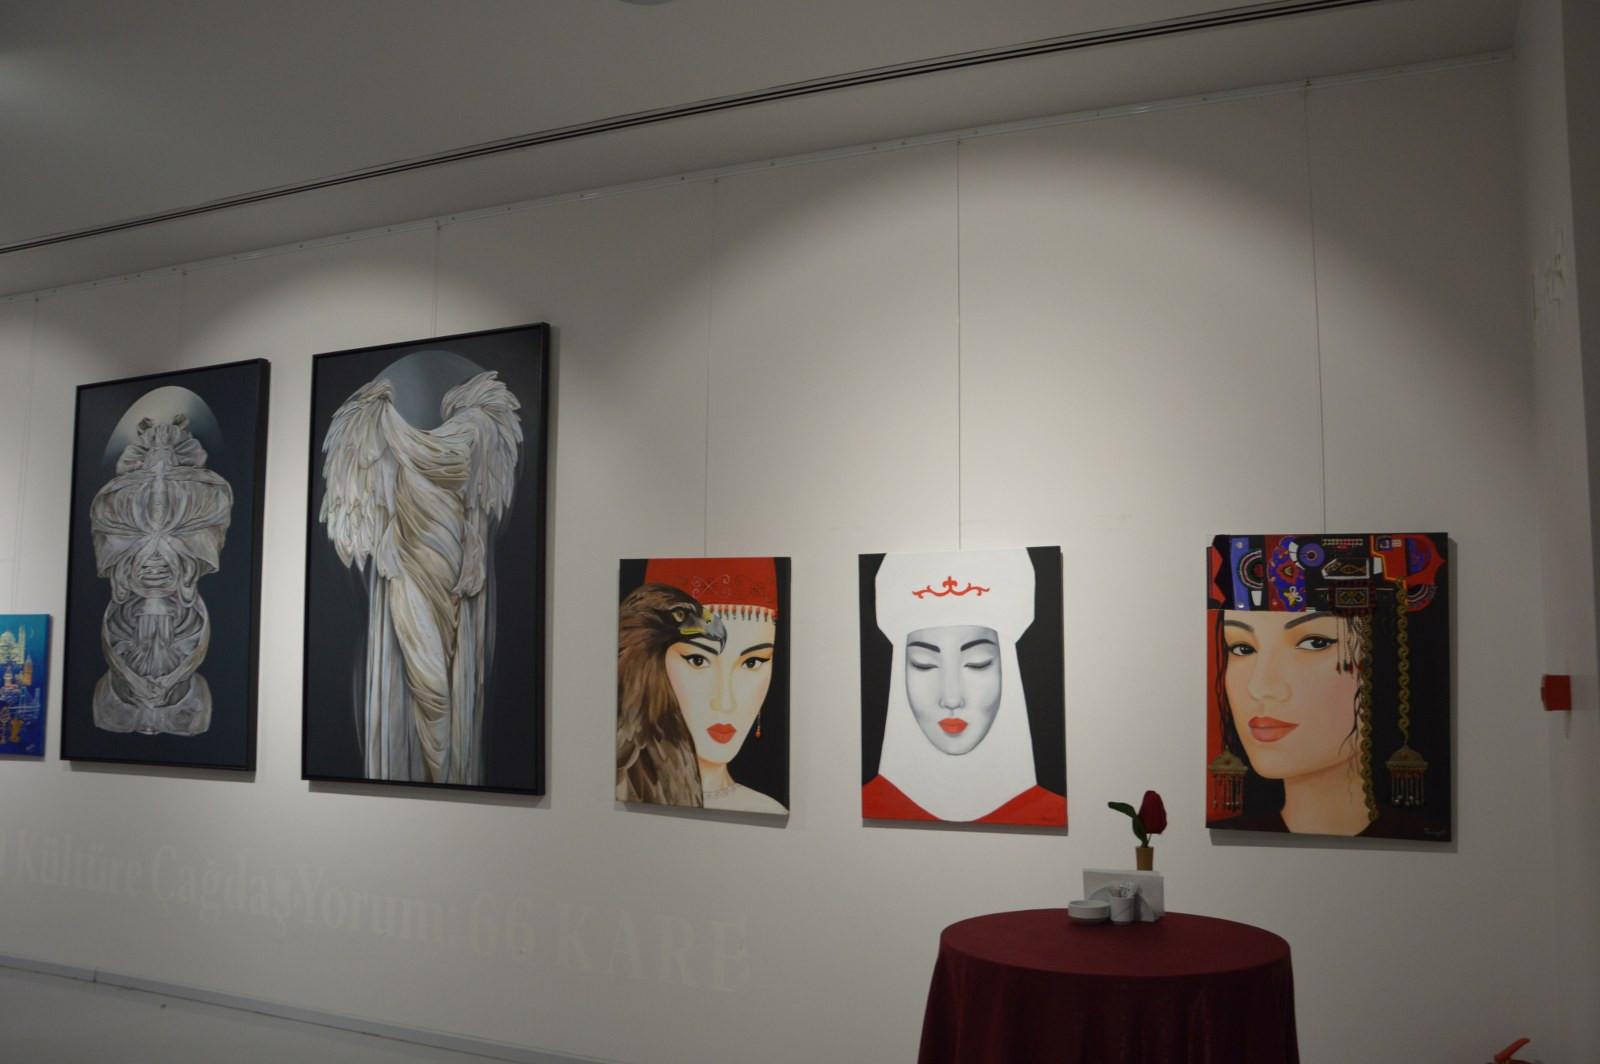 Türk Dünyasından Kadın Sanatçılar İstanbul'da Buluştu Galeri - 34. Resim